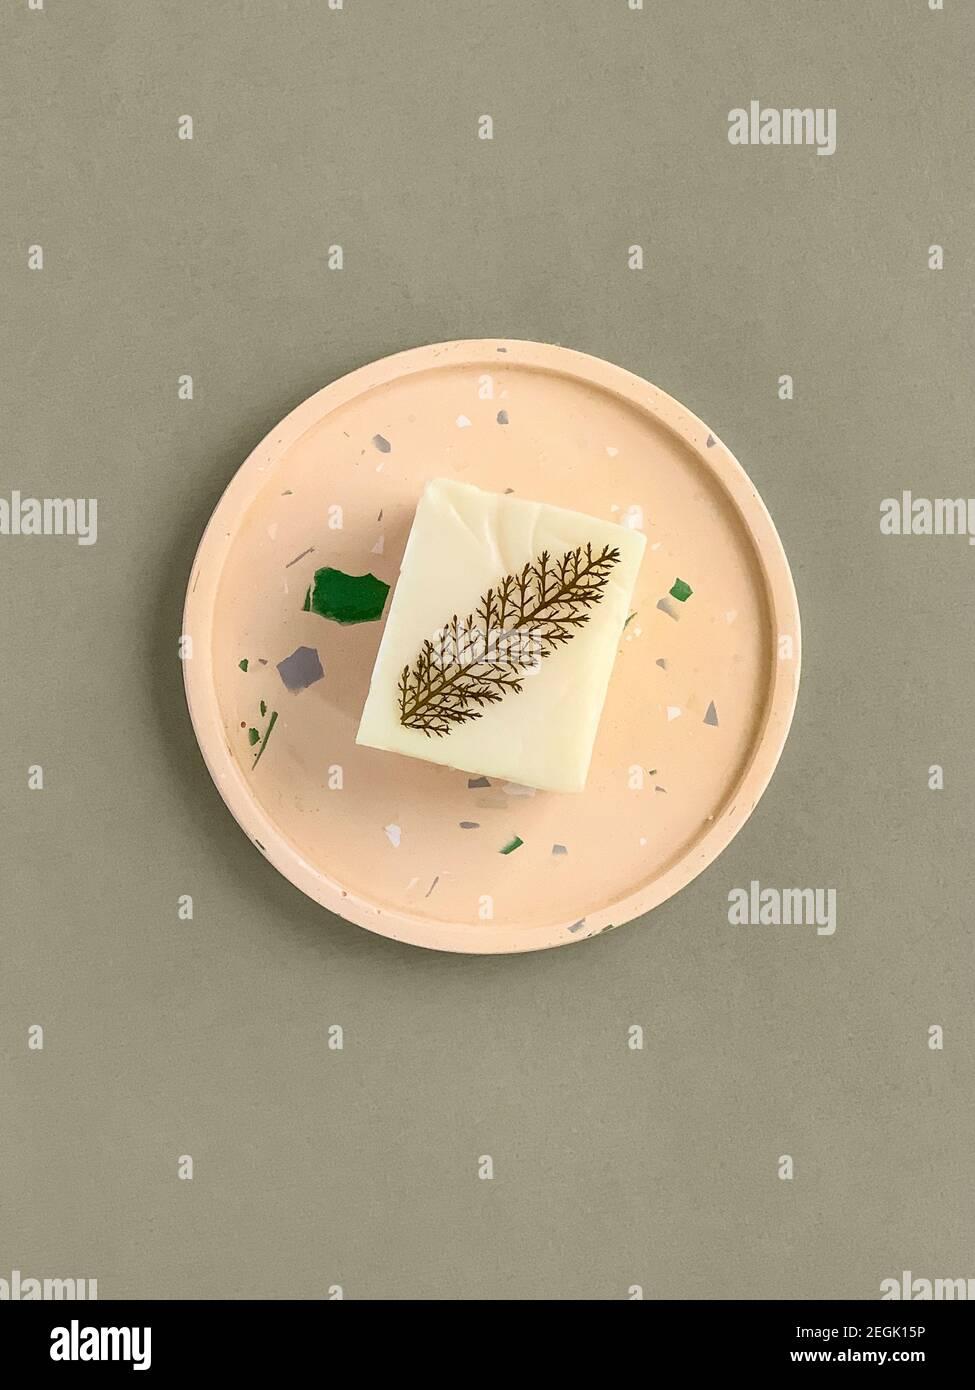 Jabón casero natural en una bandeja de hormigón Foto de stock